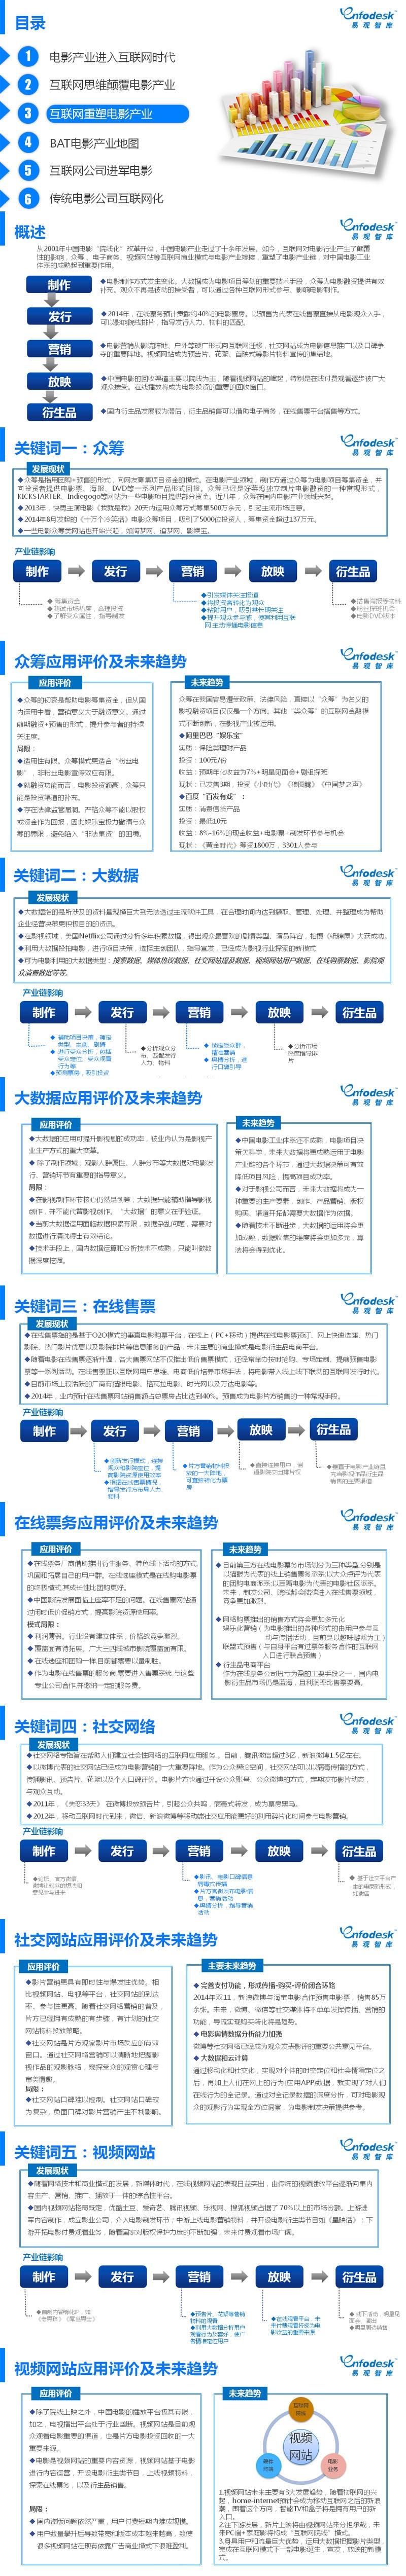 中国电影市场互联网化专题研究报告——互联网重塑电影产业